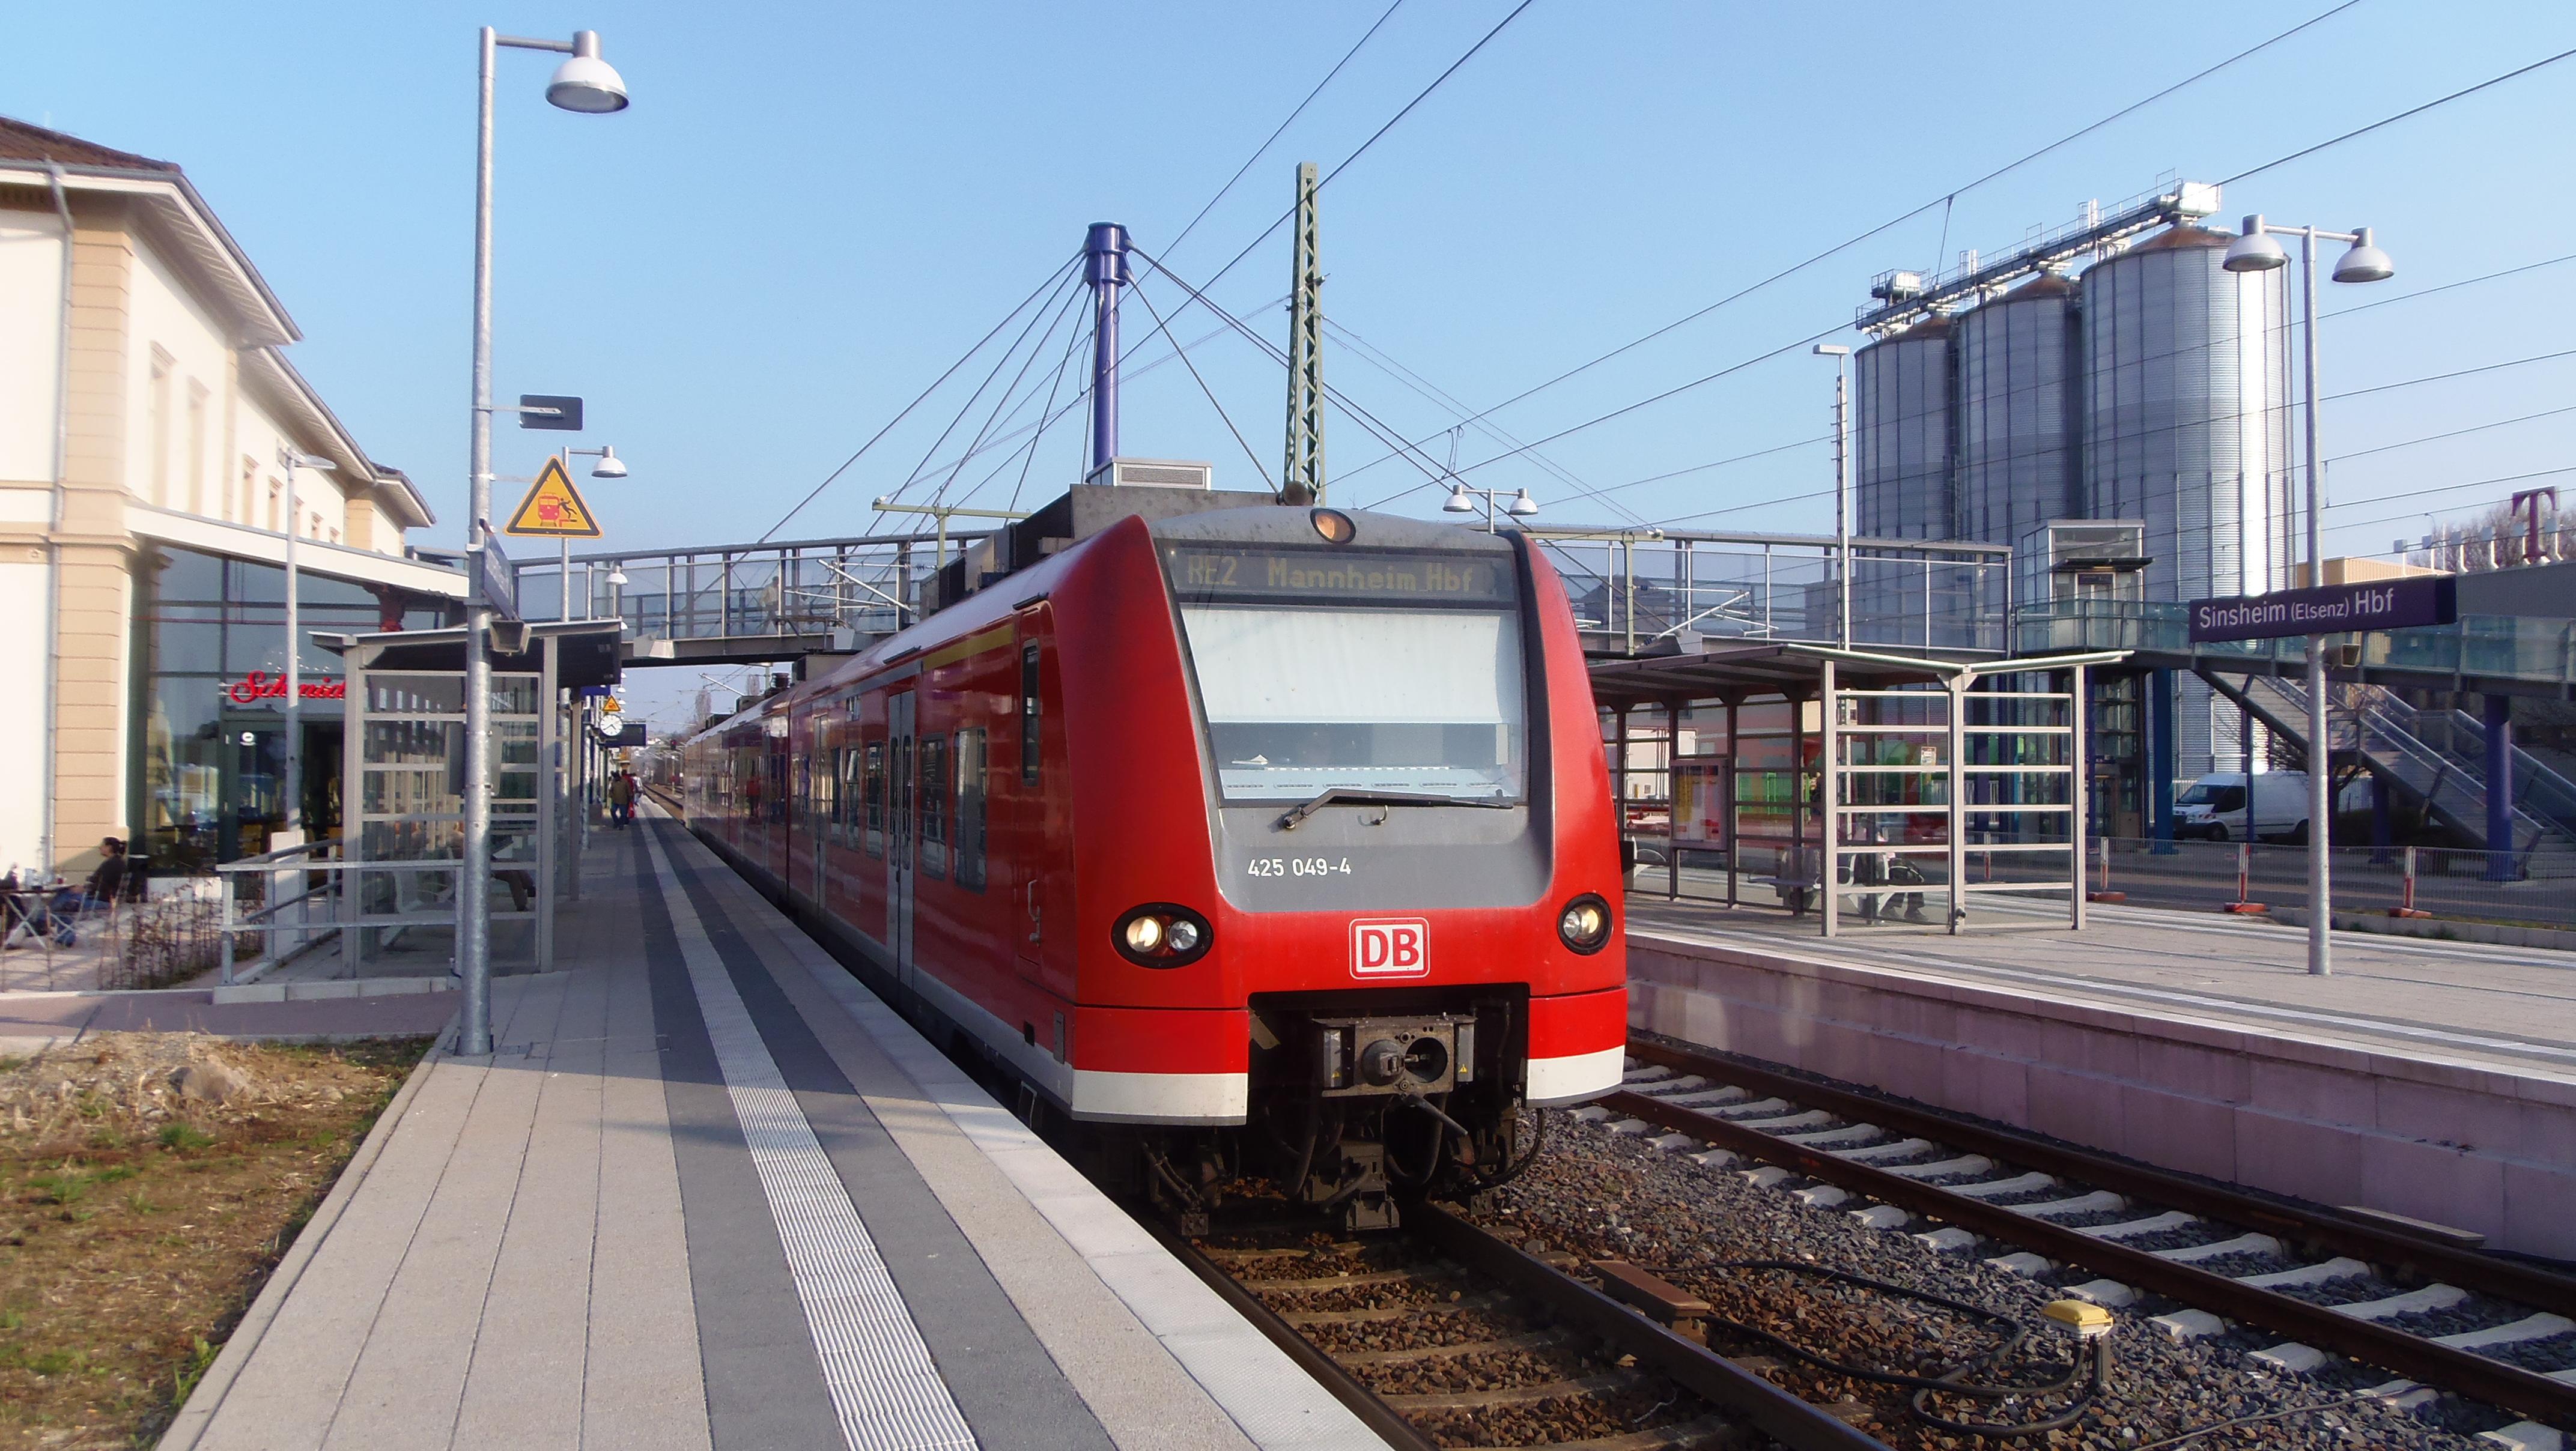 freiburg nach frankfurt: